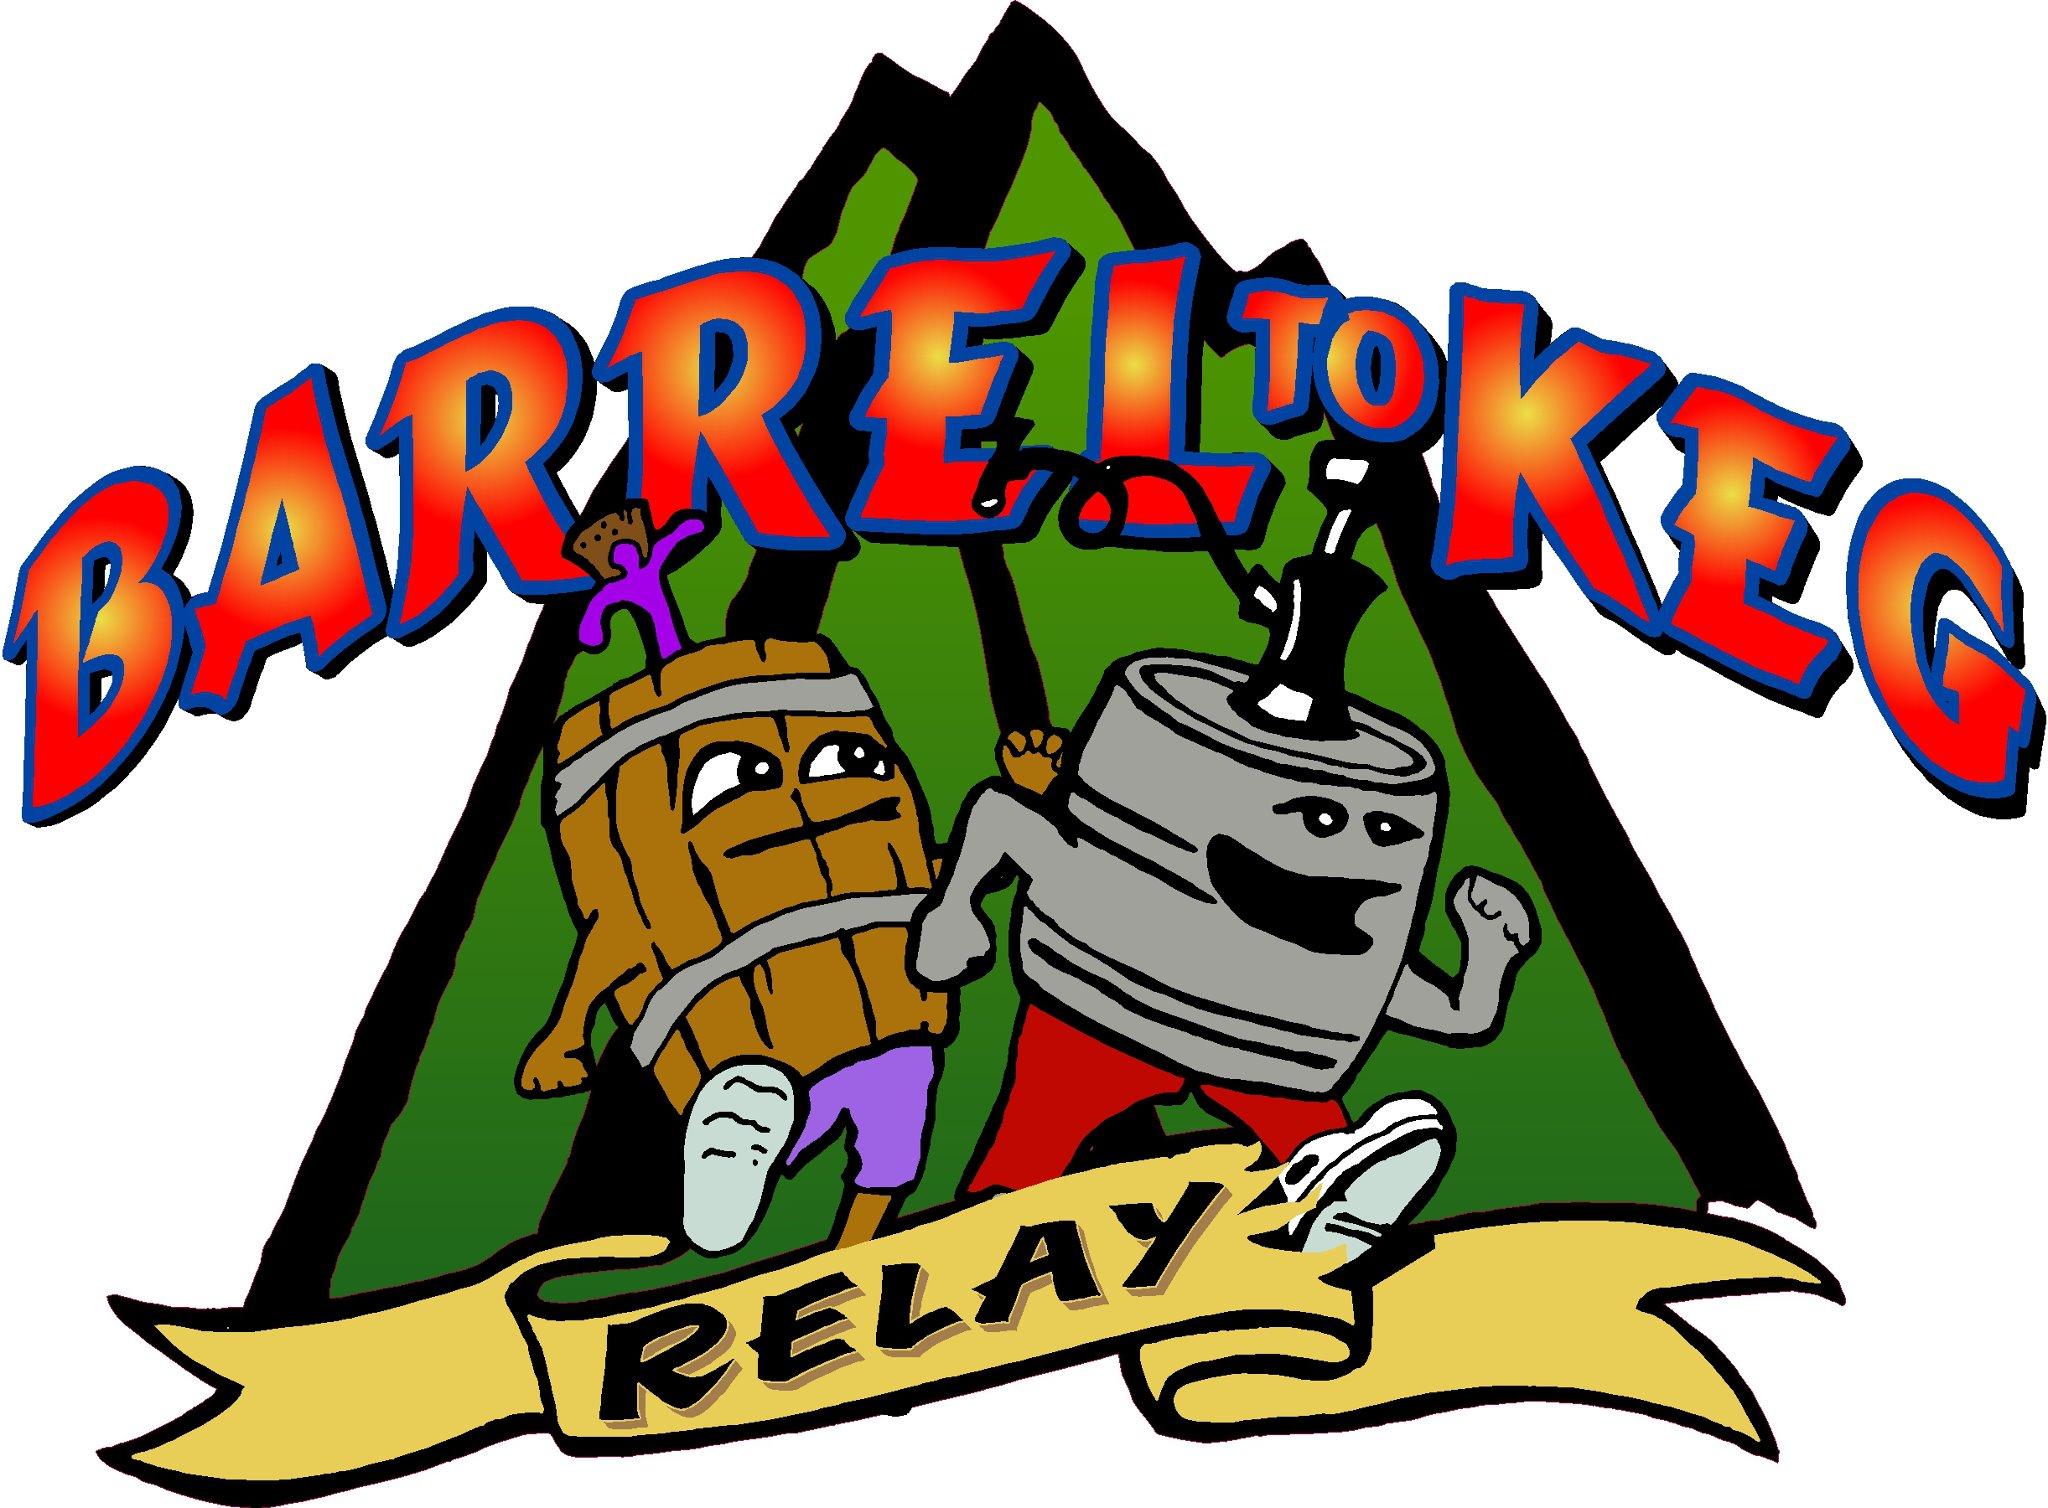 barrel-to-keg